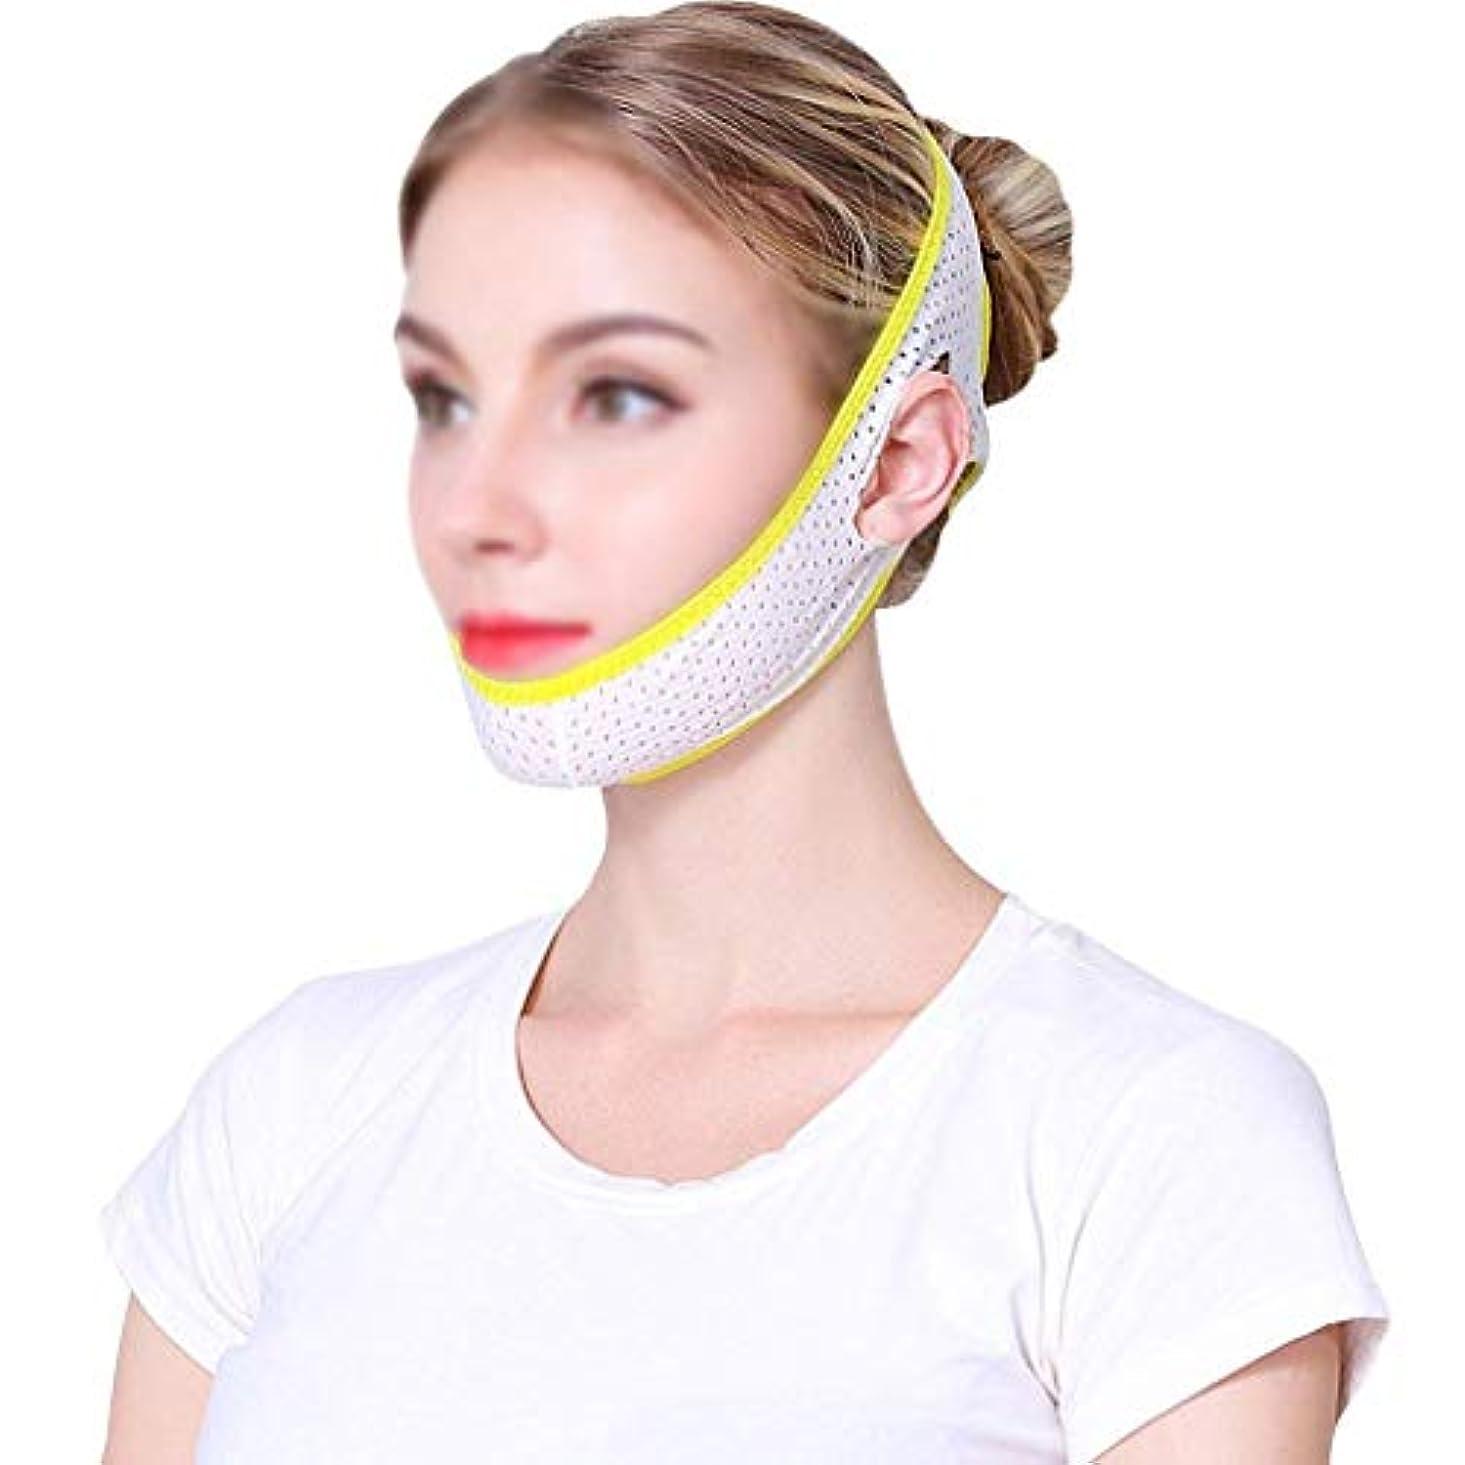 やさしいでる熟考するマスク、包帯、整形外科の夏の通気性の薄いセクション二重あごひものVの表面の薄いフェイスマスクを持ち上げて下さい